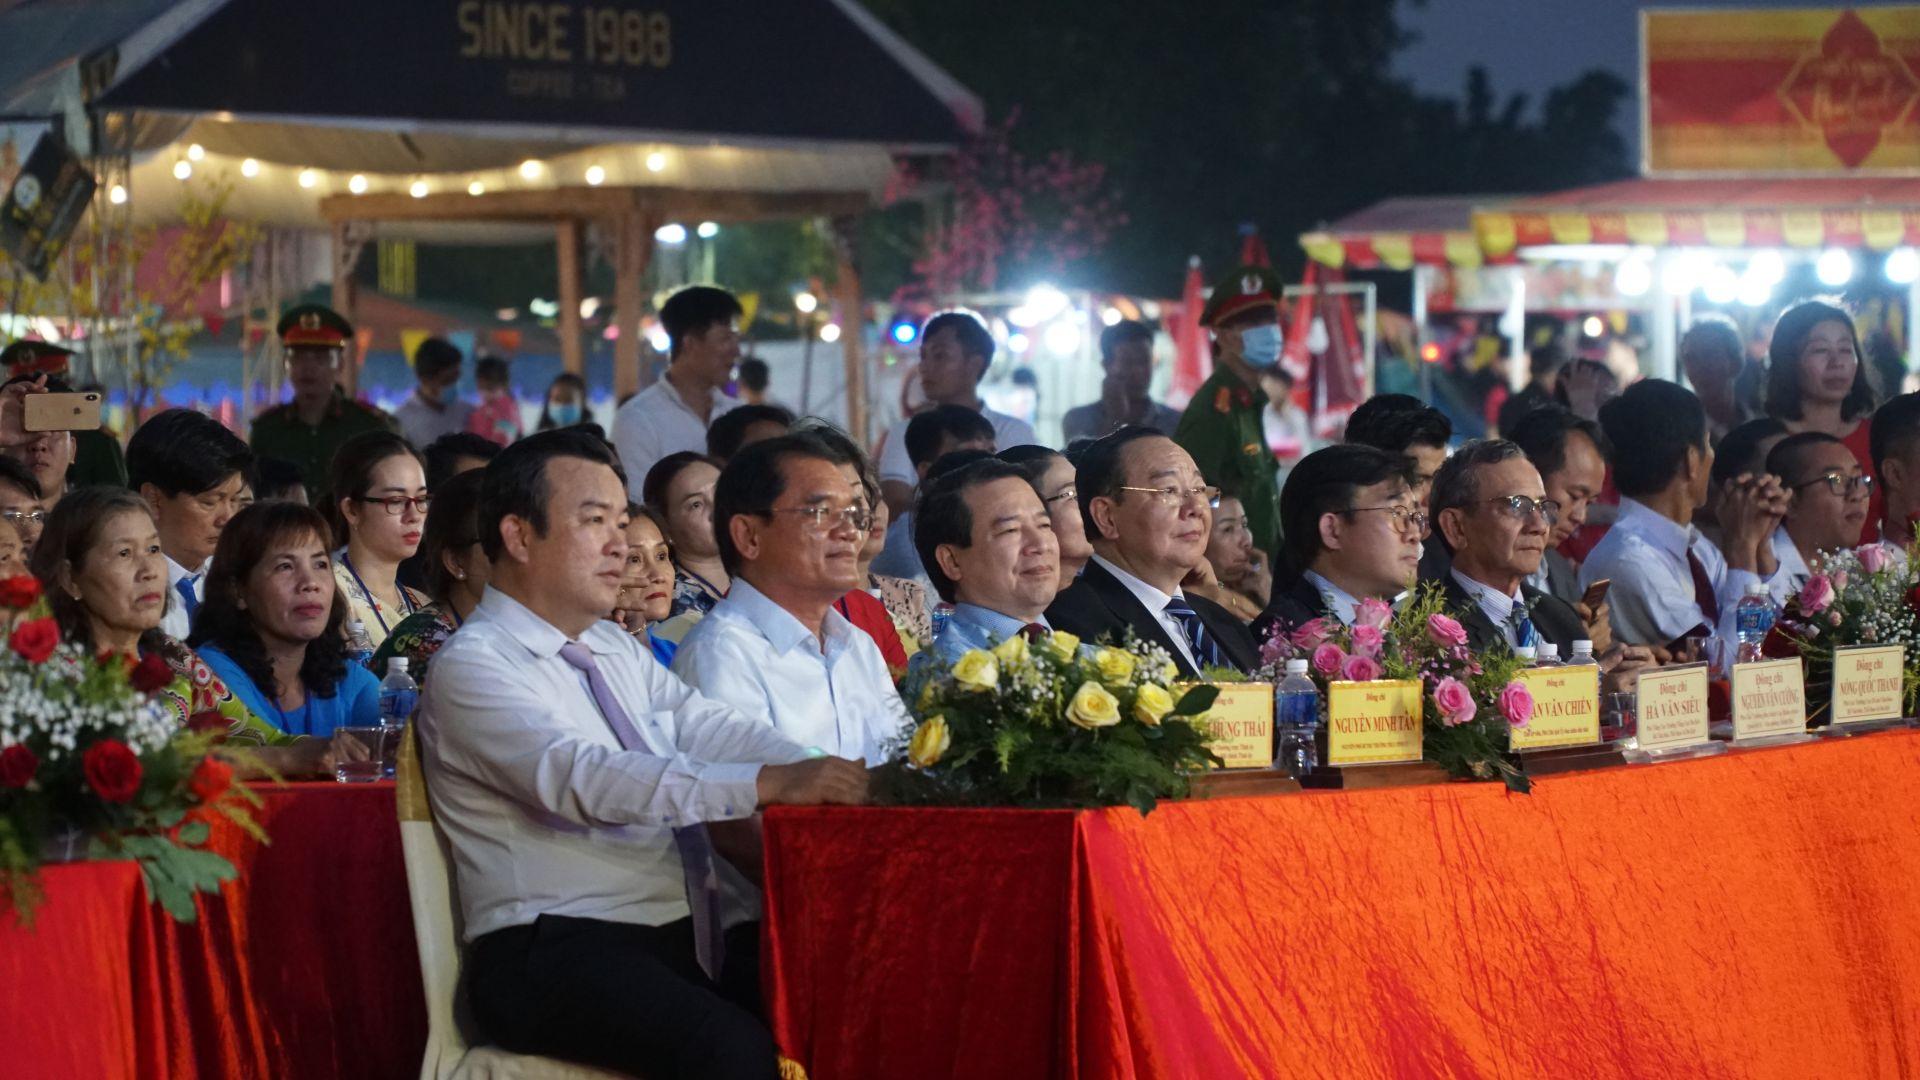 Lãnh đạo Tỉnh ủy, UBND tỉnh và Bộ VHTT&DL tham dự lễ khai mạc.